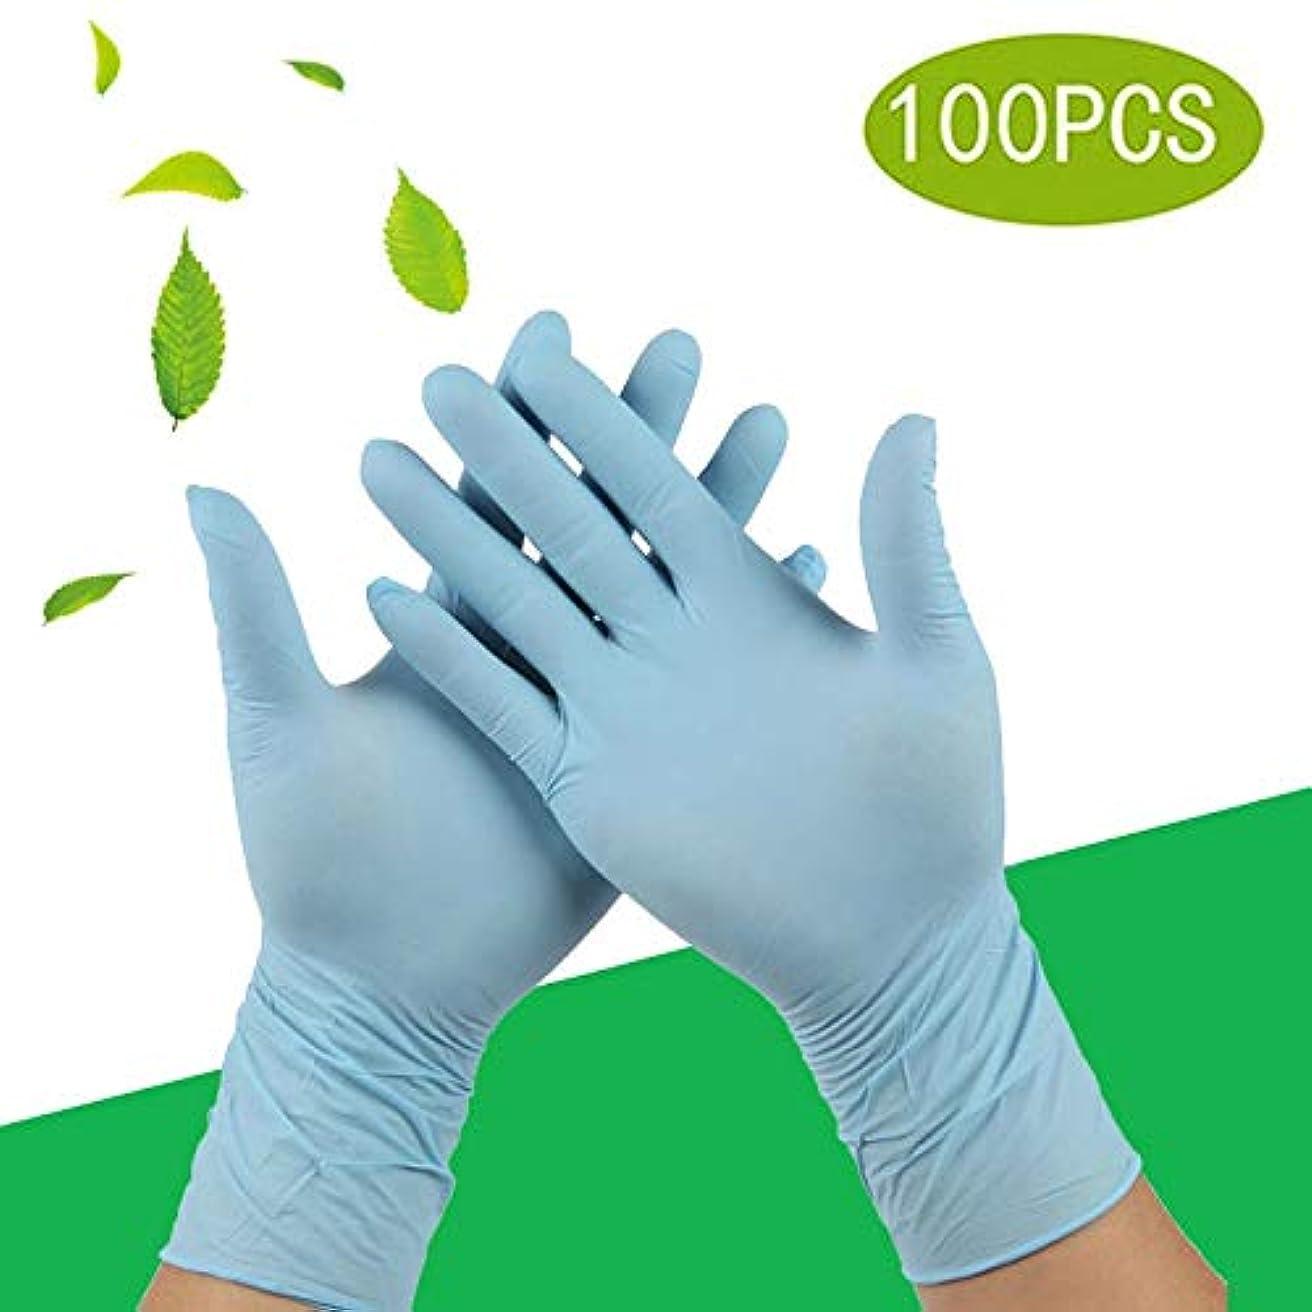 終わらせるひも定期的な耐酸性および耐アルカリ性試験ニトリル試験用手袋、使い捨て、医療用グレード100カウント (Size : S)